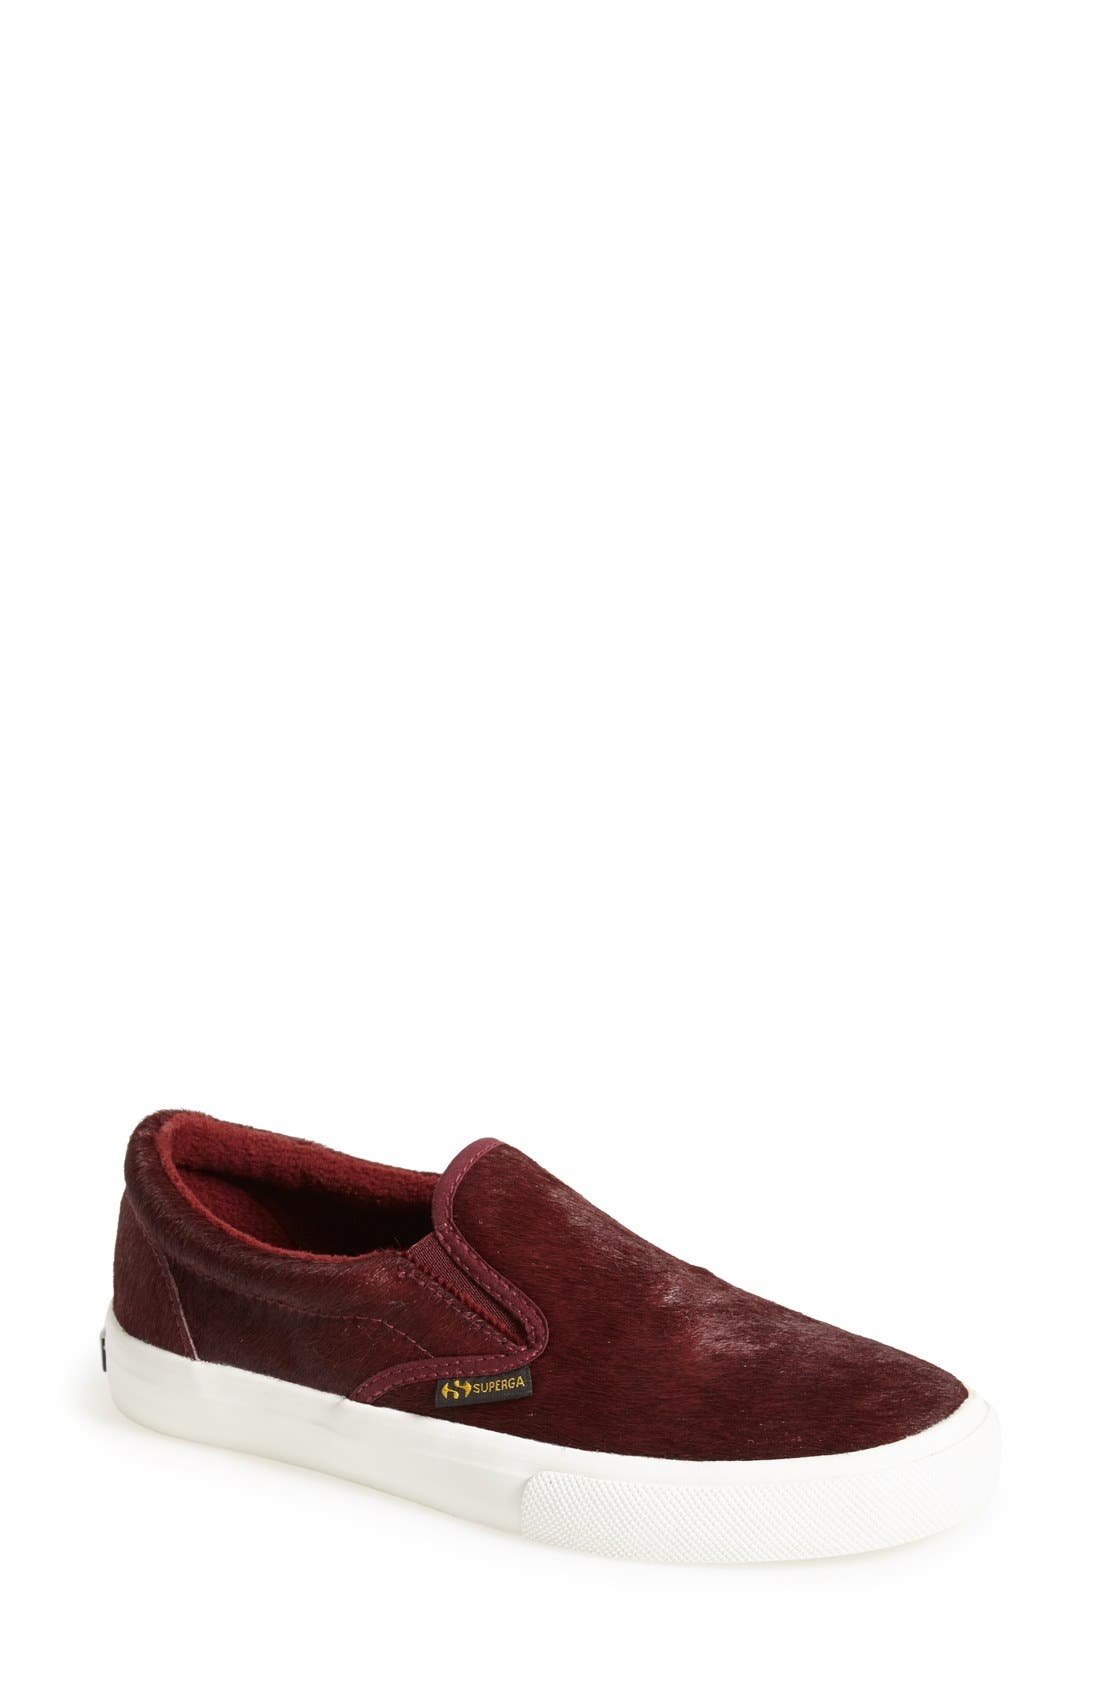 Main Image - Superga Calf Hair Slip-On Sneaker (Women)